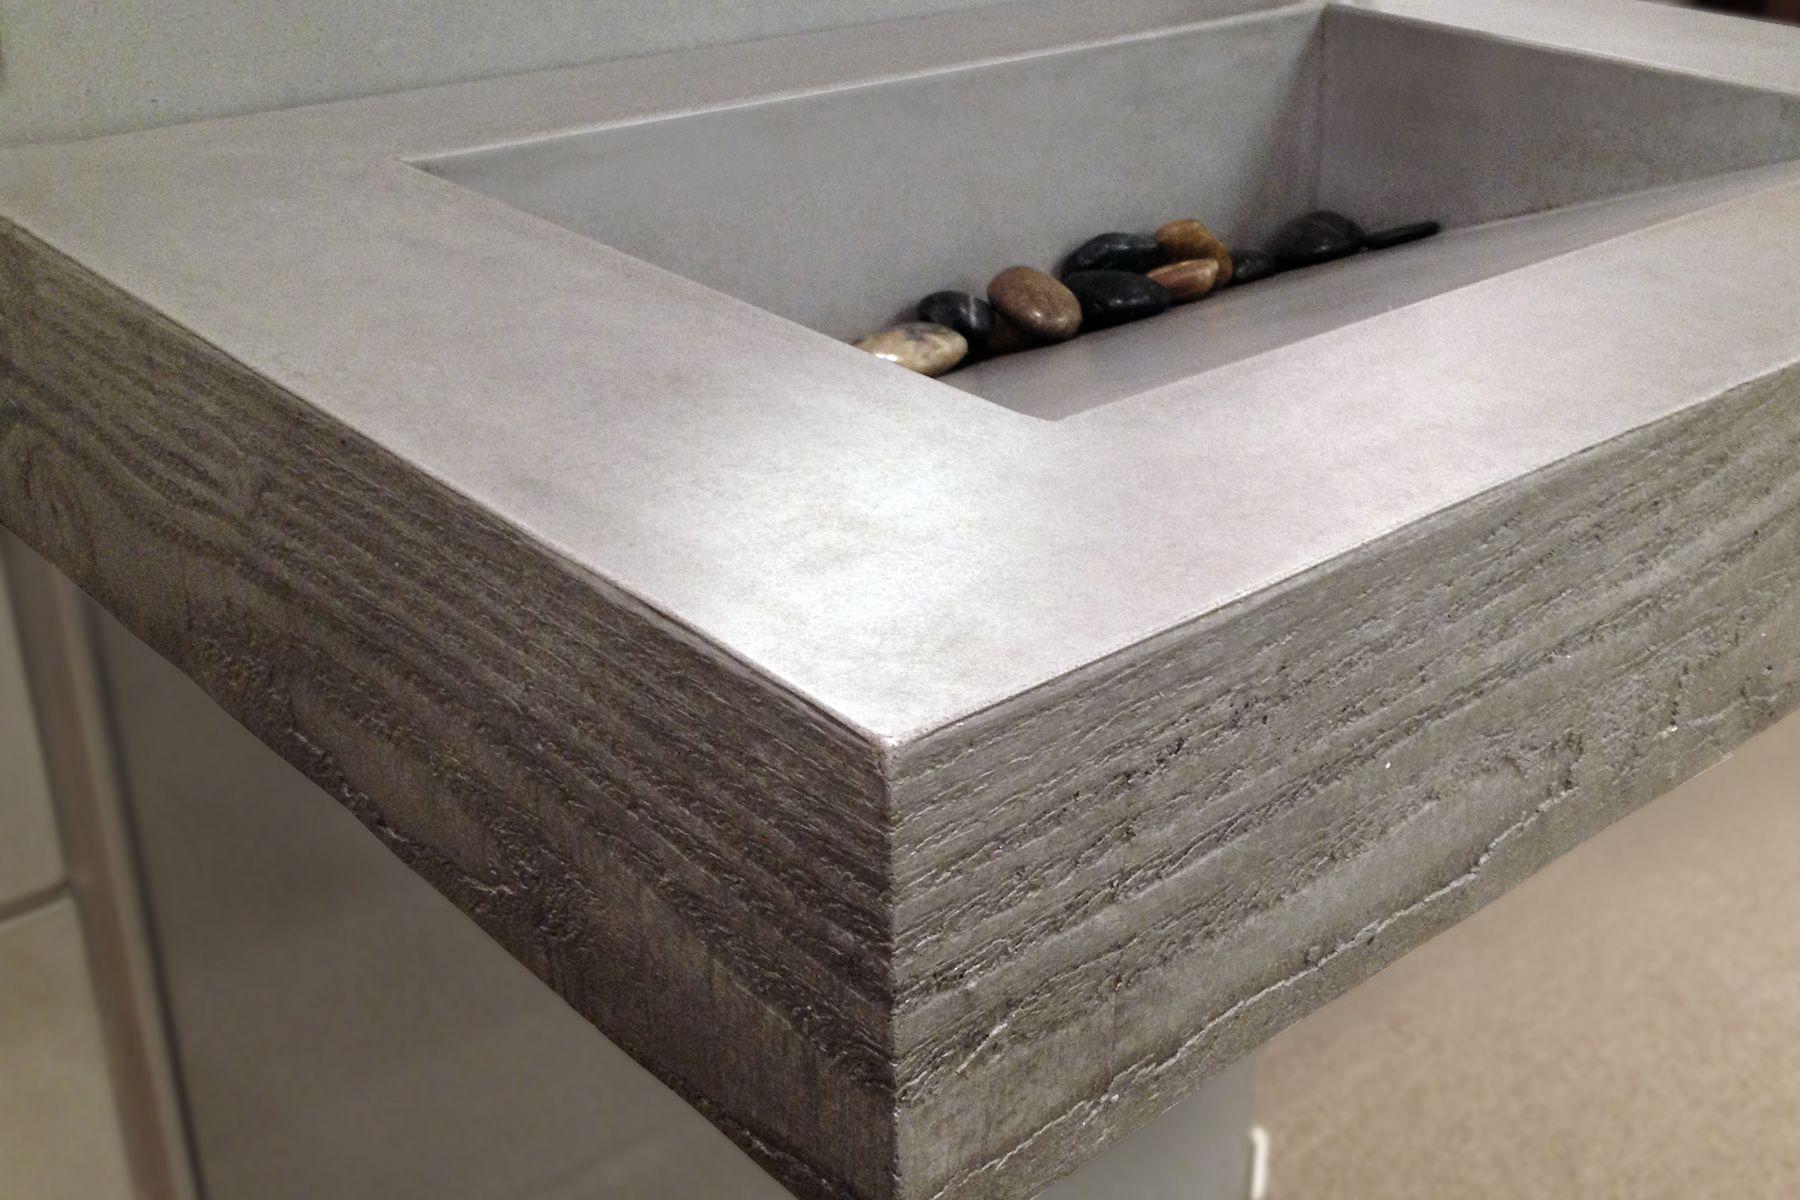 Concrete Sink Diy True Form Decor Concrete Sink Concrete Design Sinks Pinterest